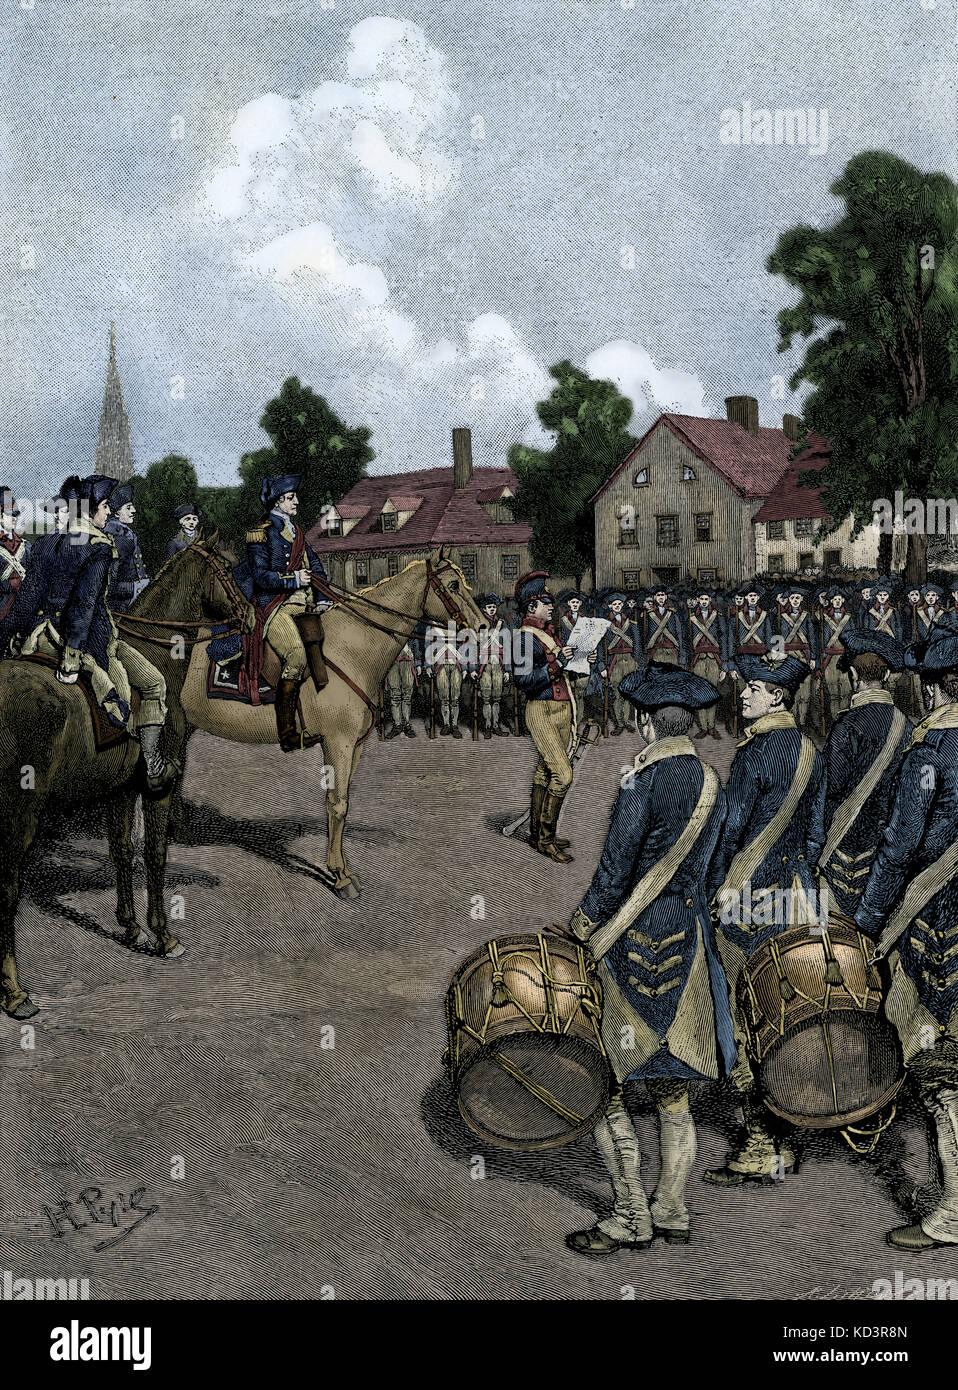 Déclaration d'indépendance annoncée à l'armée de Washington, New York, le 9 juillet 1776. Illustration de Howard Pyle, 1901 Banque D'Images